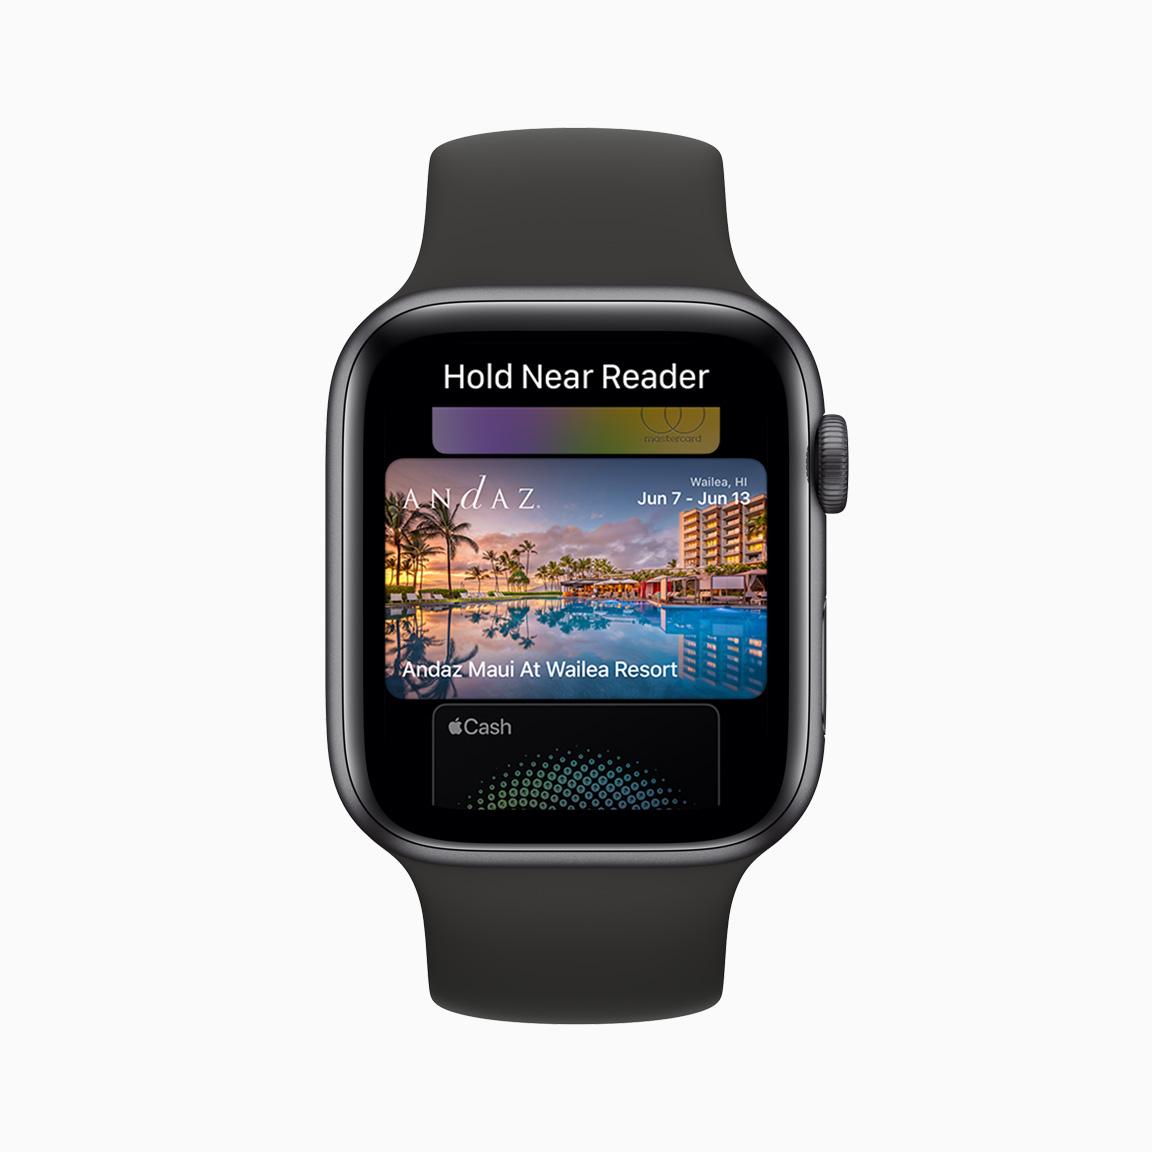 Patente e carta di identità nel Wallet di Apple Watch con watchOS 8